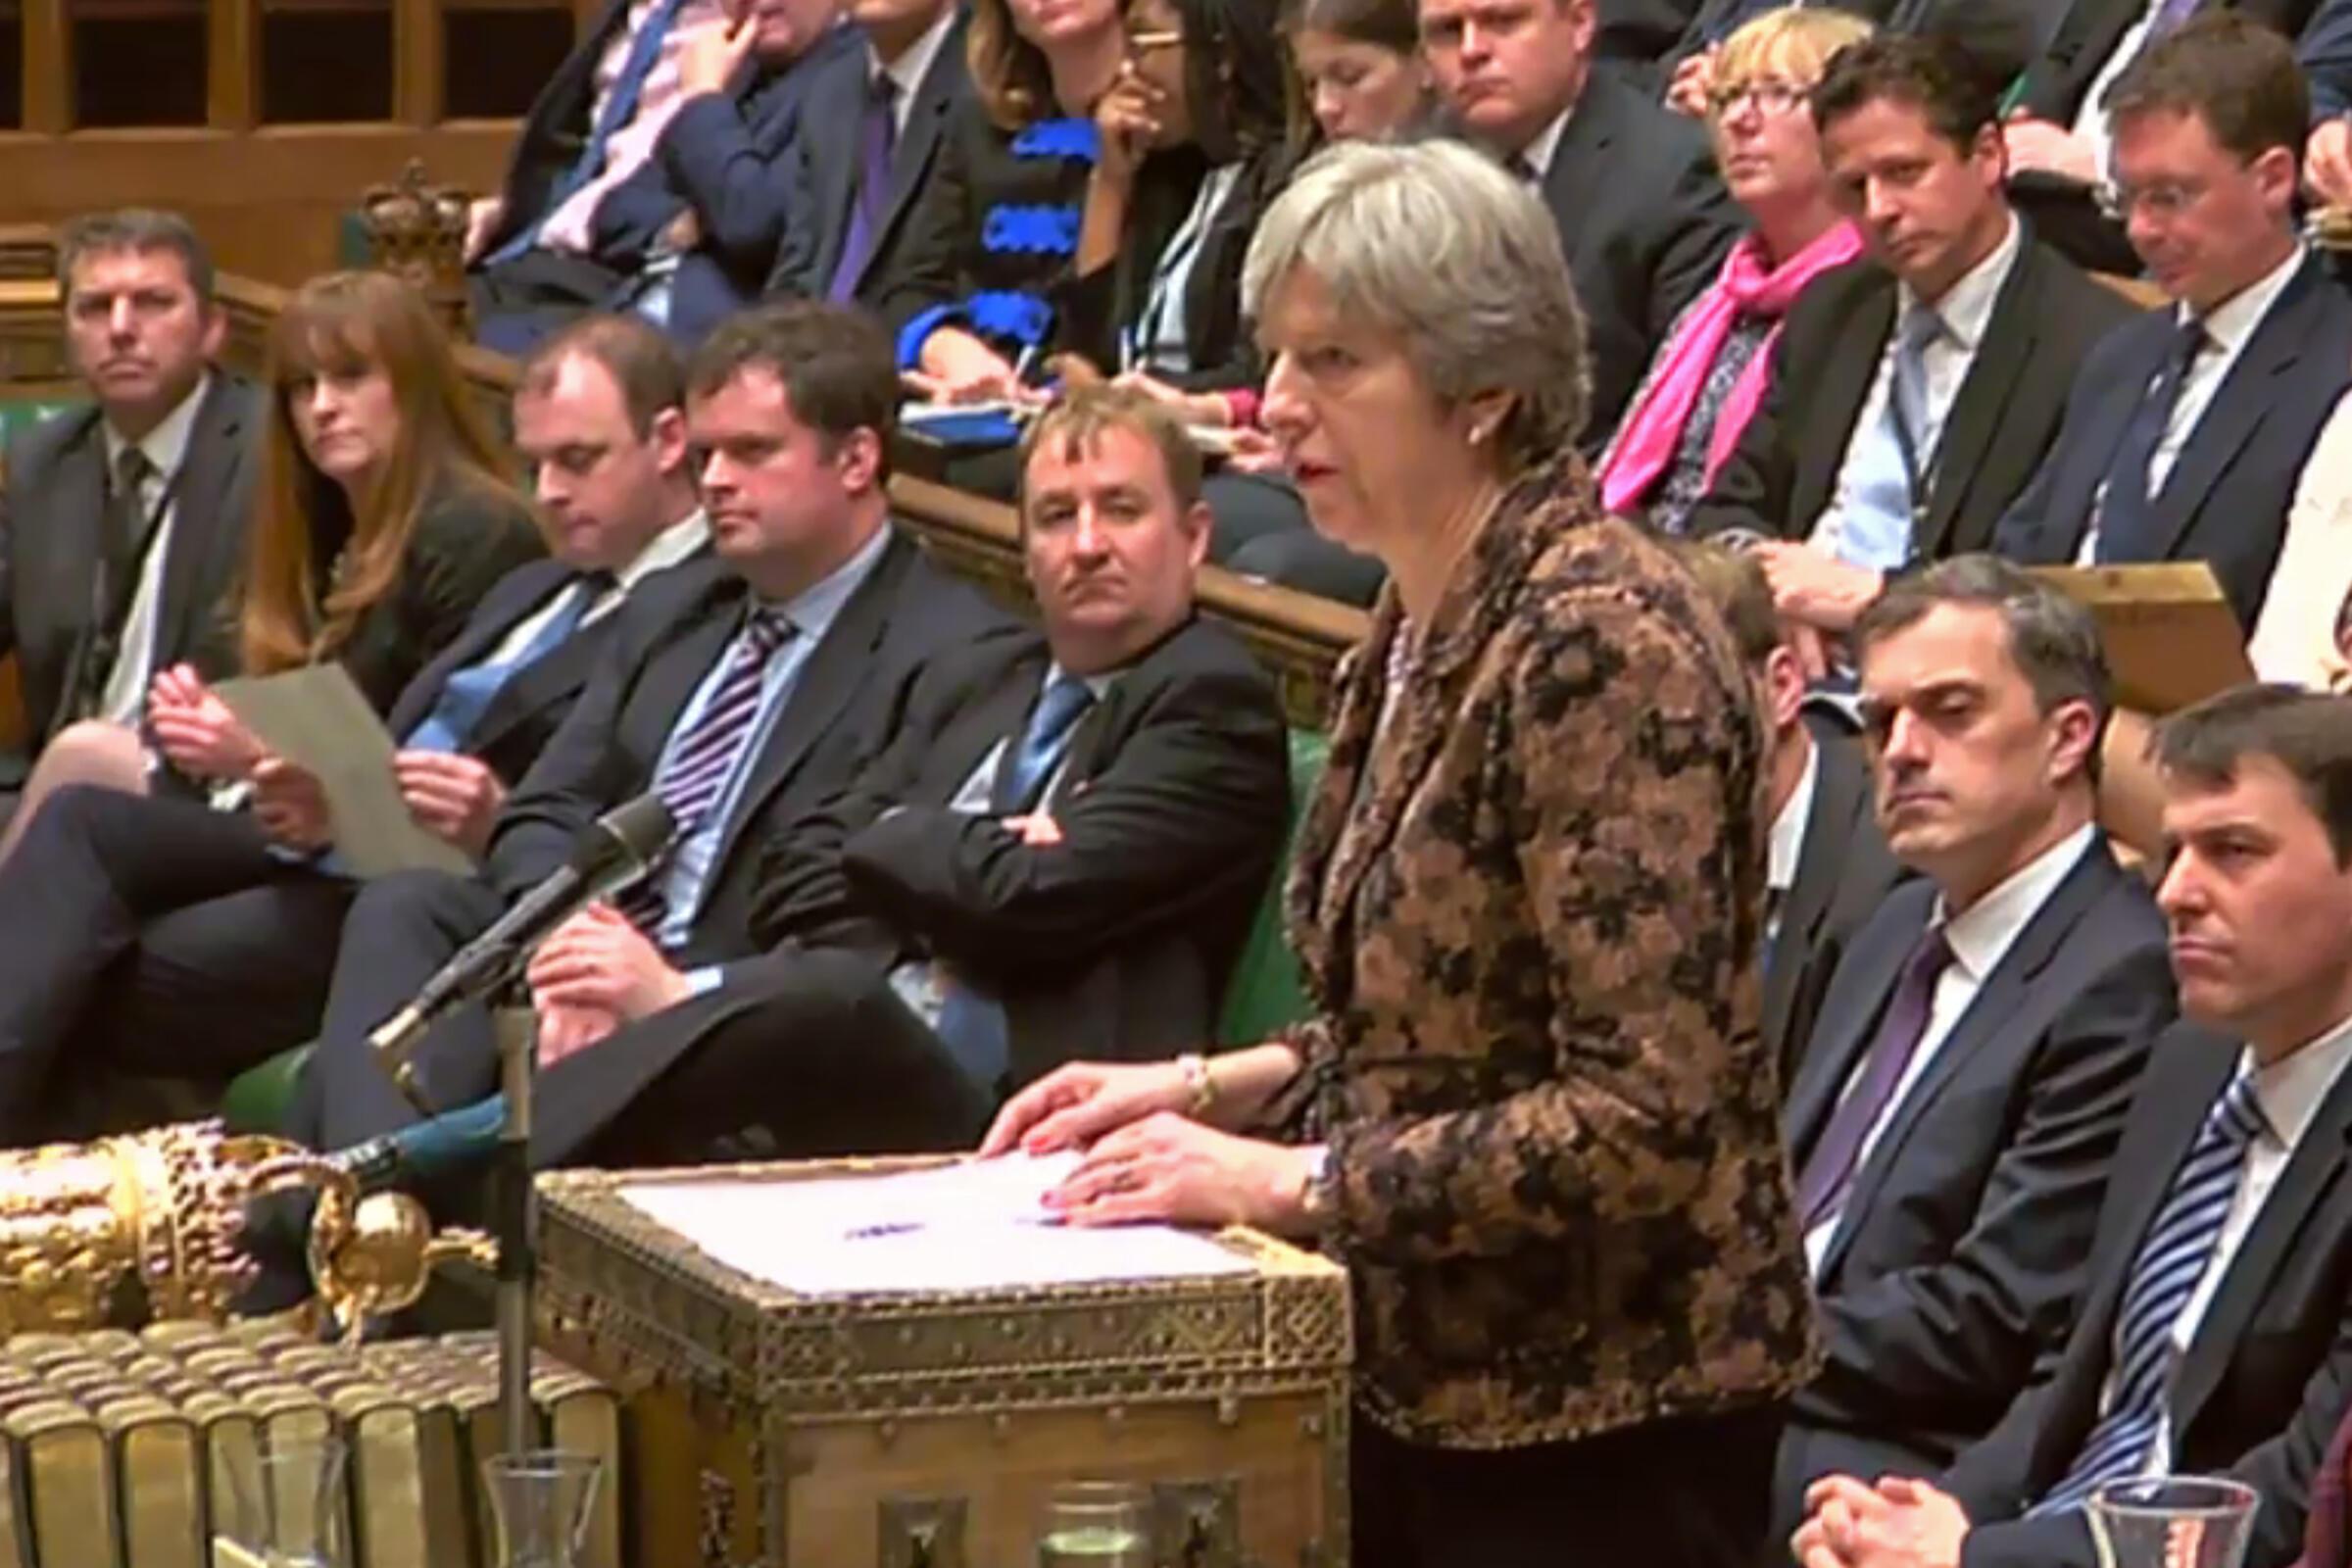 A primeira-ministra britânica Theresa May afirmou nesta segunda-feira (12) no Parlamento do Reino Unido que é muito provável que a Rússia esteja por trás do atentado com agente neurotóxico contra o ex-espião russo Serguei Skripal e sua filha Yulia.